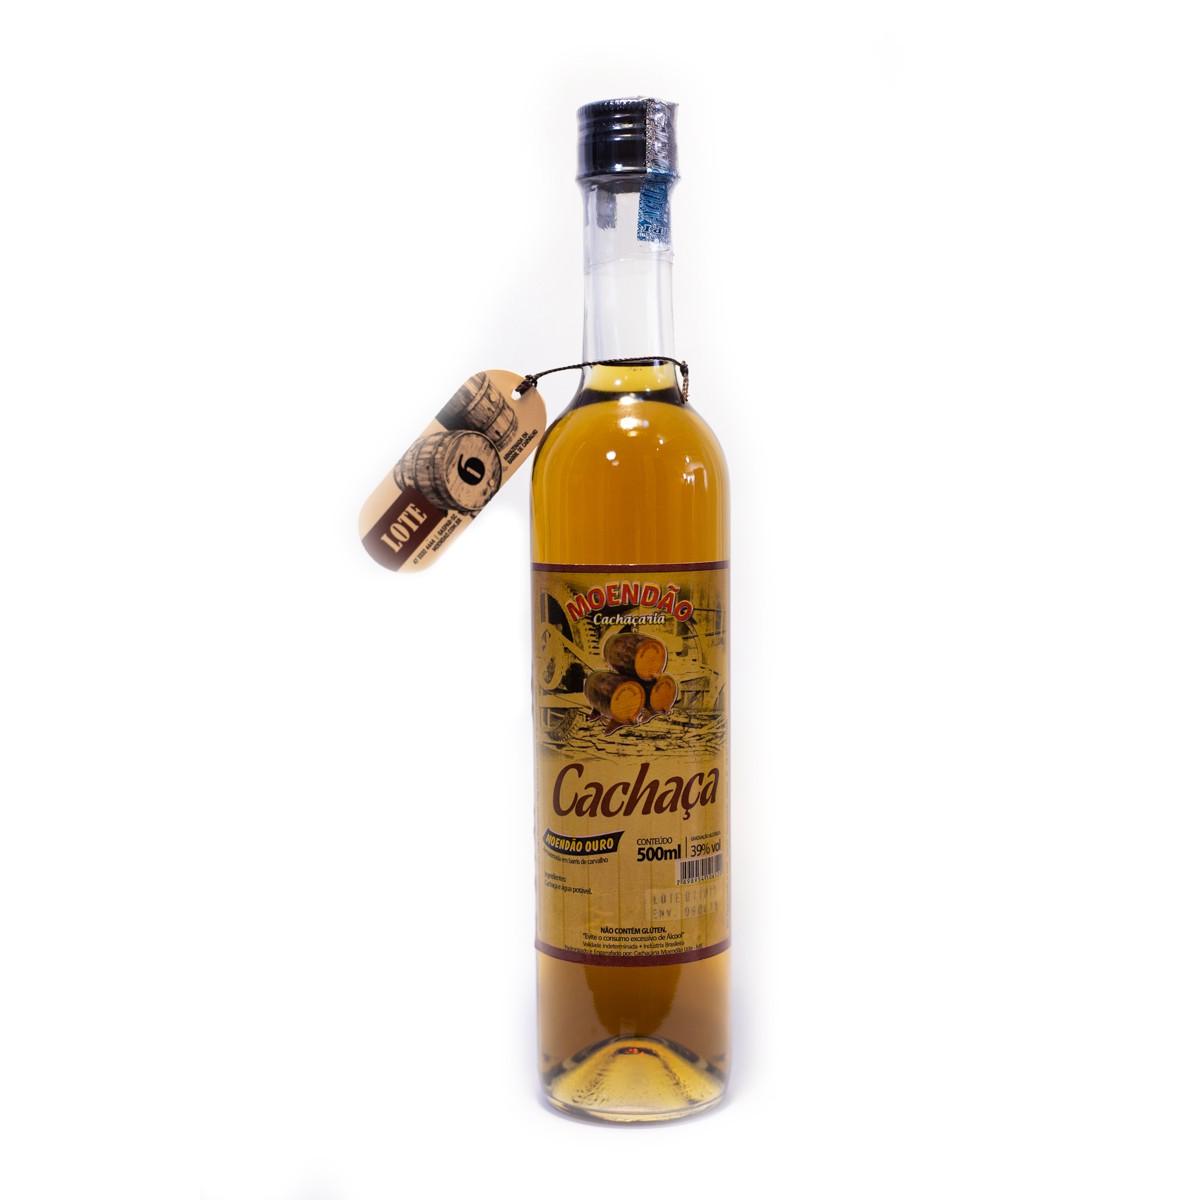 Cachaça Ouro - 6 anos - Moendão - 500 ml